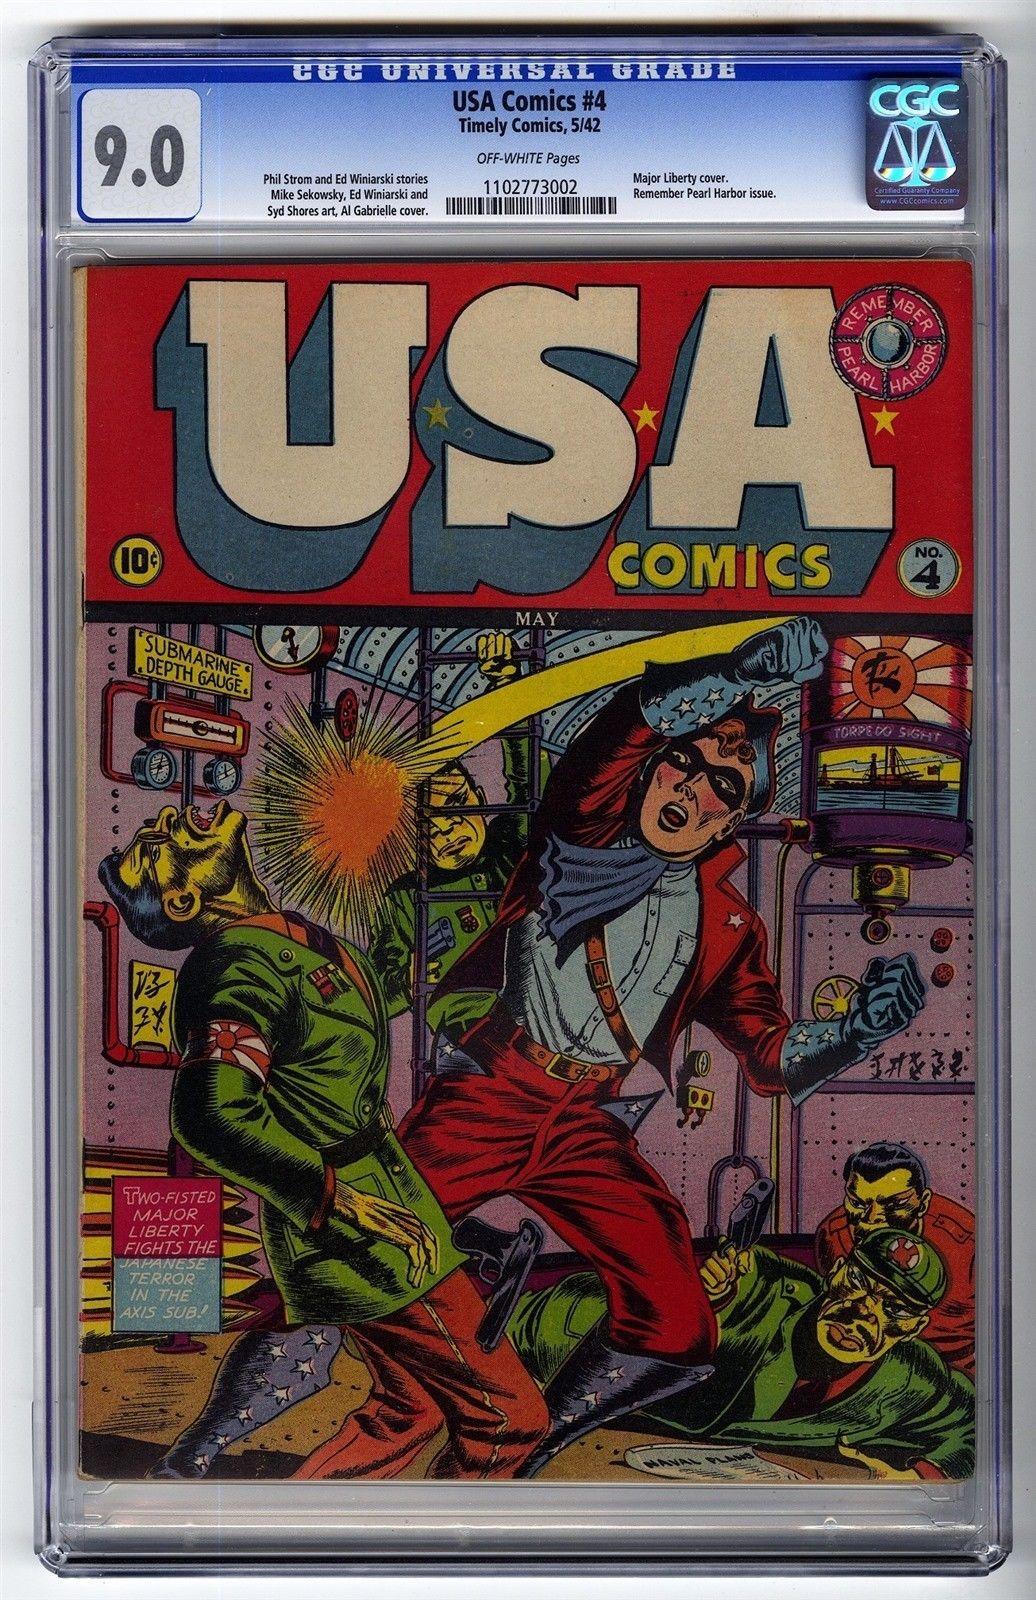 USA Comics #4 CGC 9.0 UNREAL HIGH GRADE Timely Comic Major Liberty Pearl Harbor